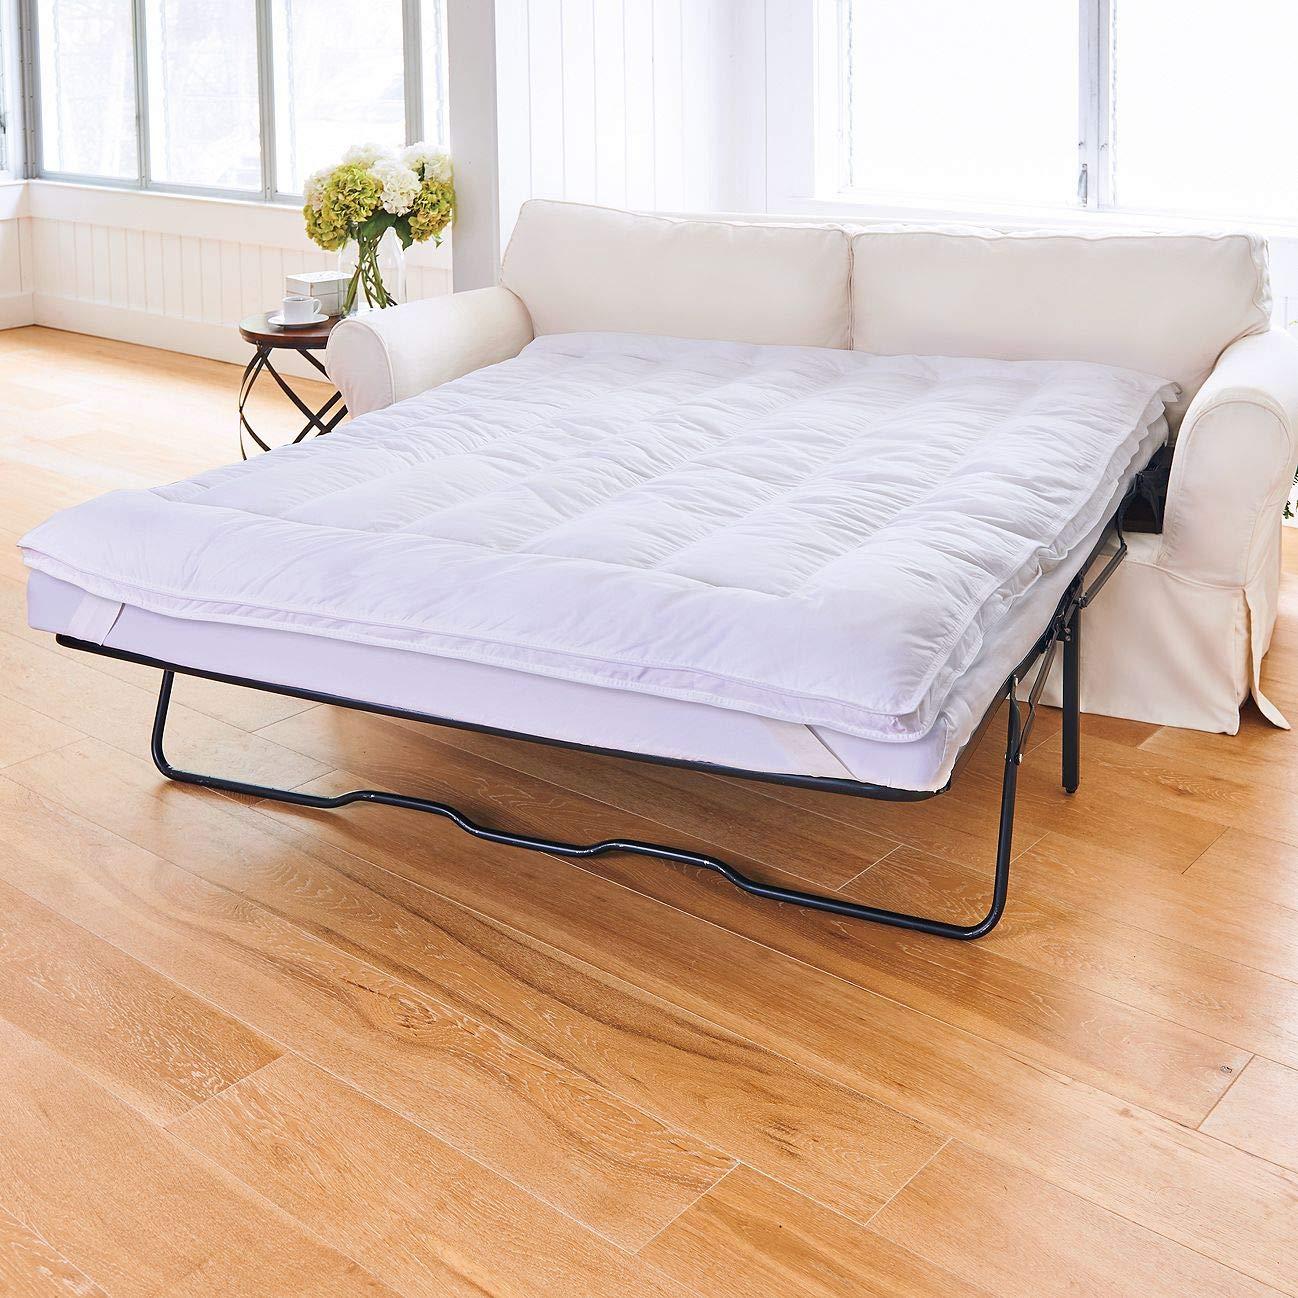 - Sleeper Sofa Mattress Topper-Queen By Improvements - Buy Online In